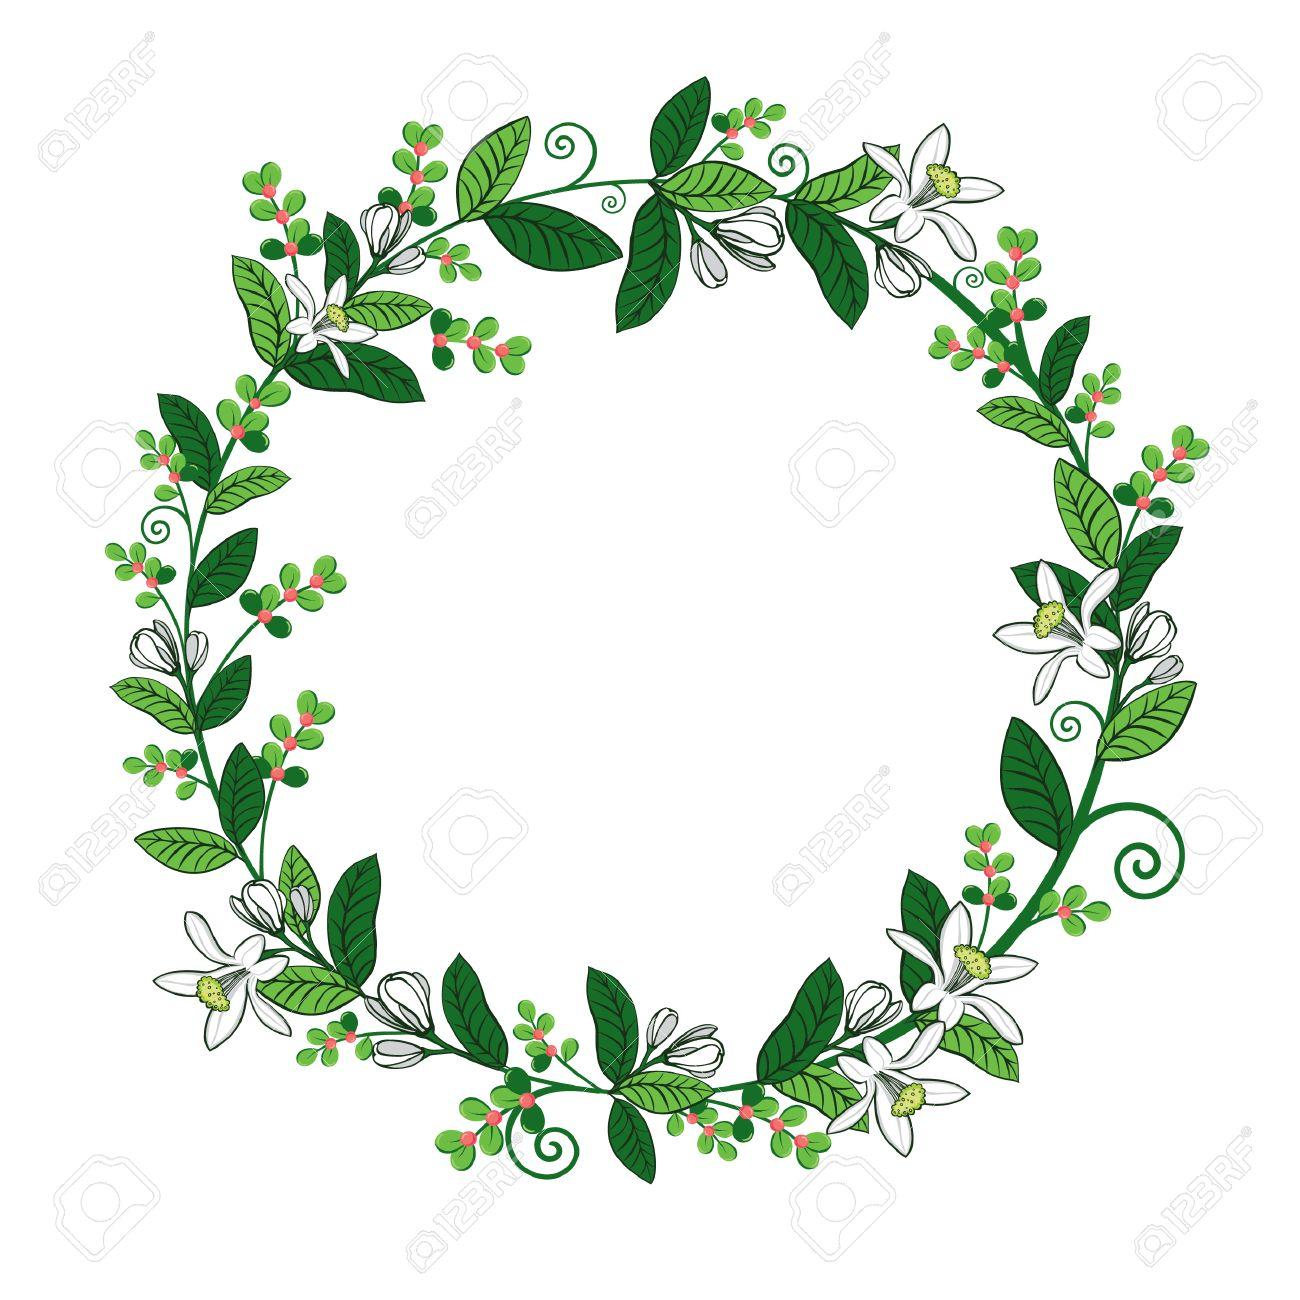 Kranz Aus Blättern, Blüten Und Zweige Mit Platz Für Text. Bild Für ...